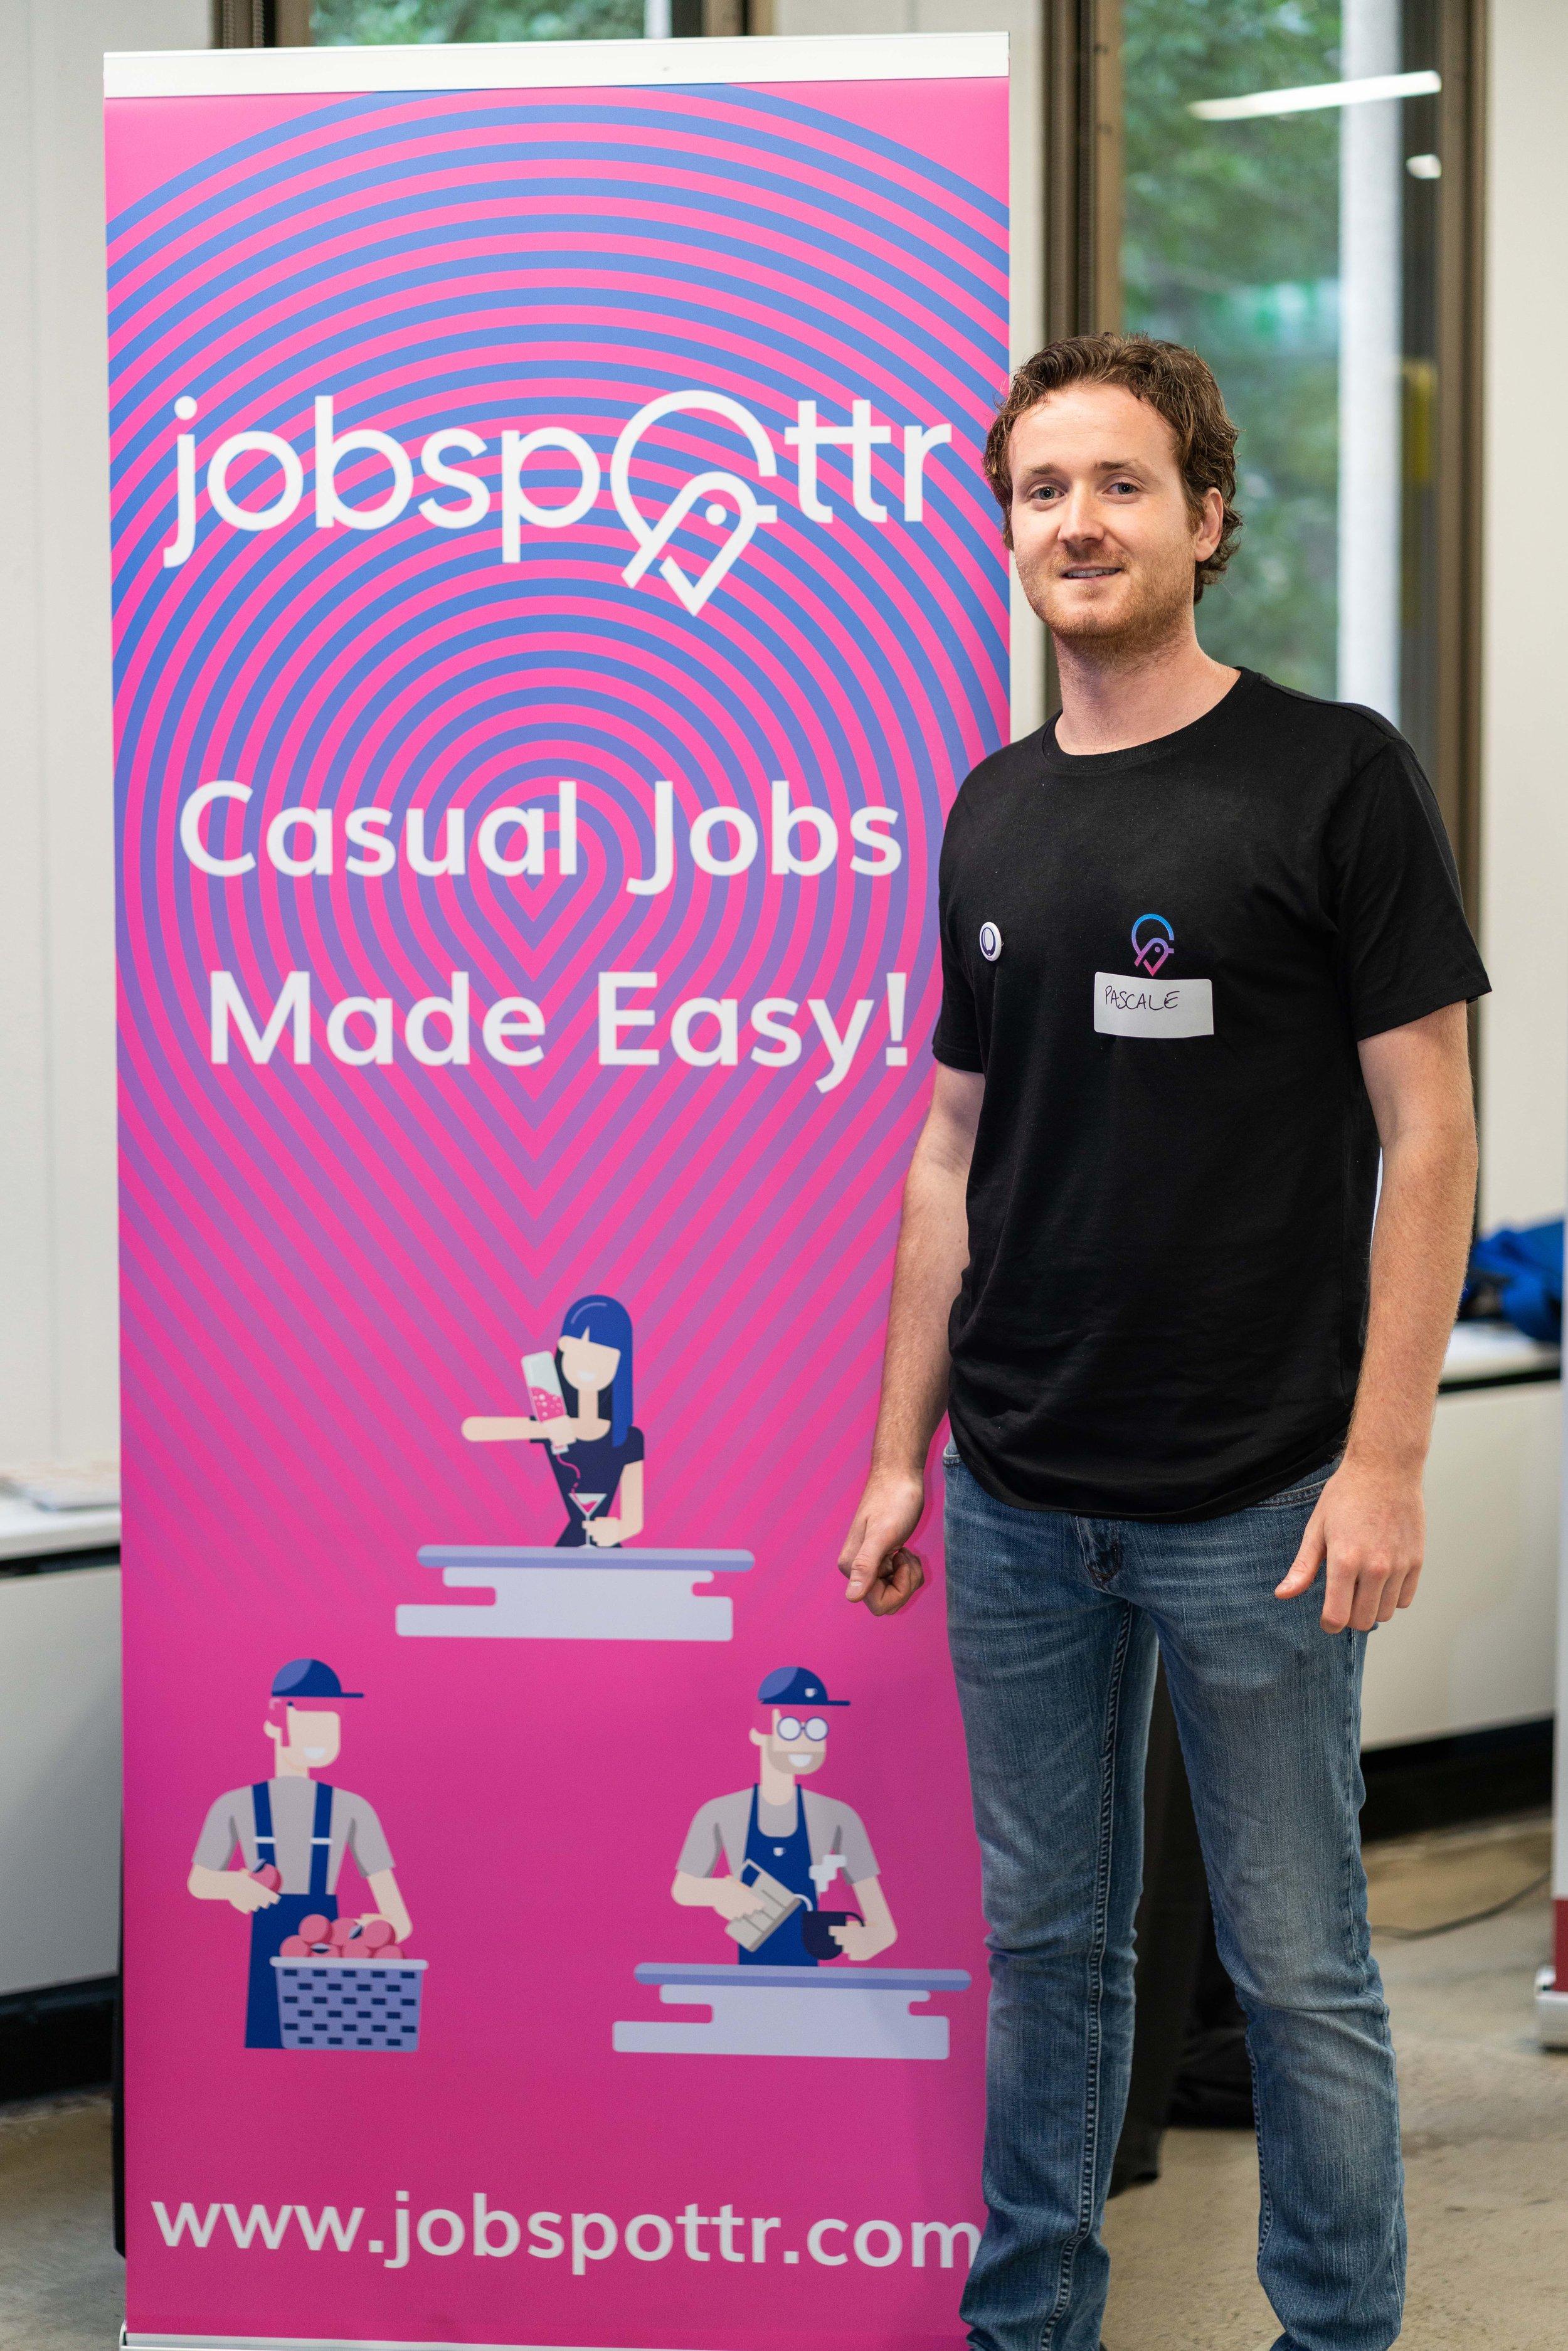 Pascal - JobSpottr